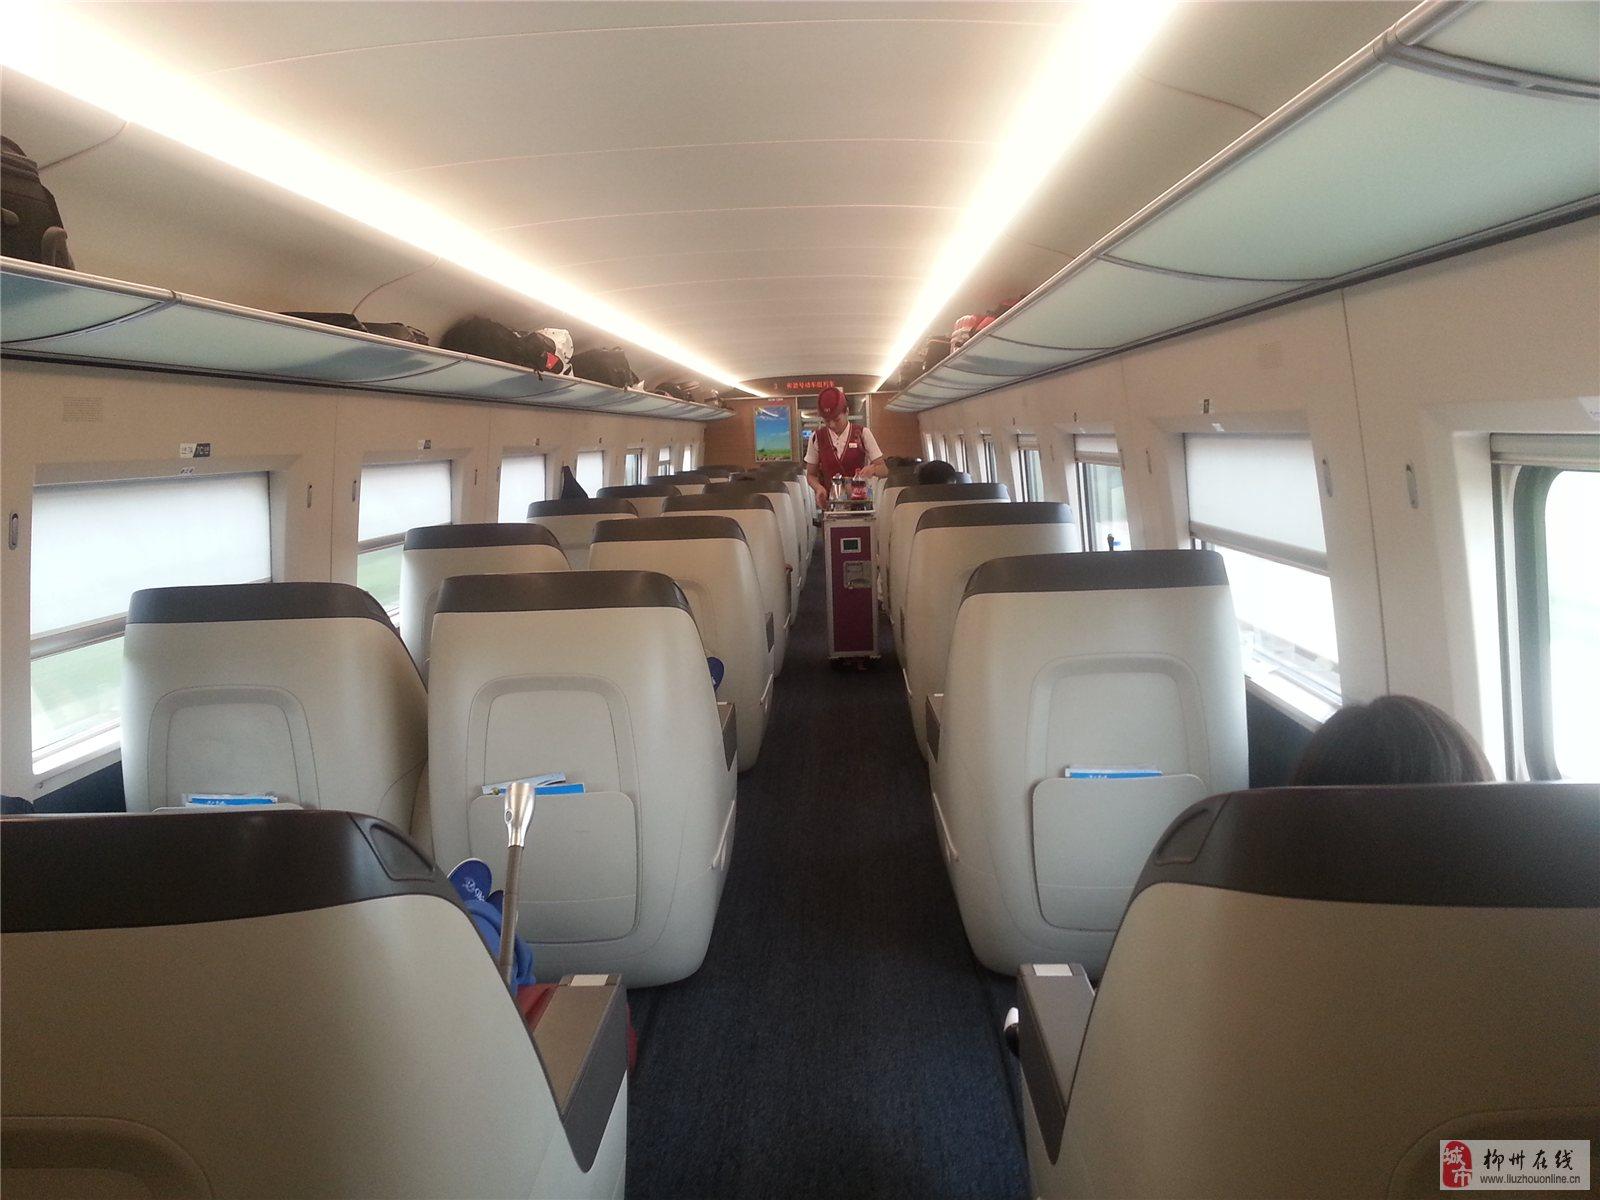 高铁商务车厢座位图片